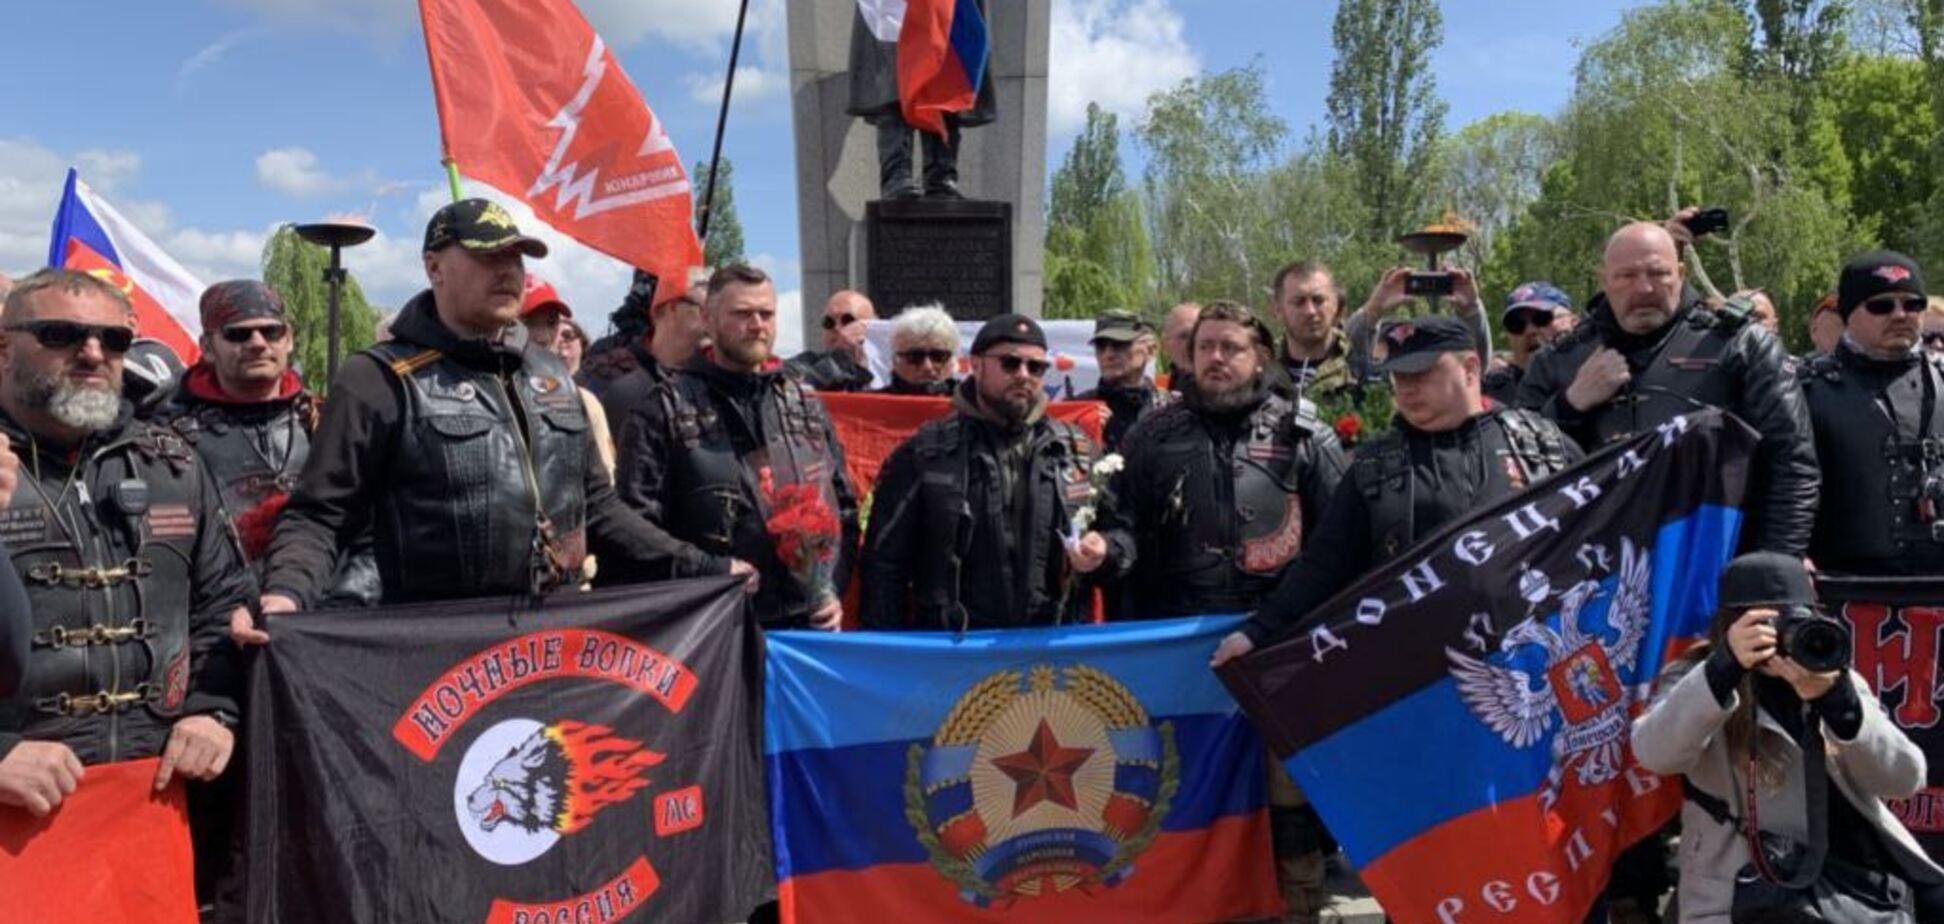 Кремль неспроста тратит миллионы. Лозунг 'Путин — собиратель земель' забыт зря